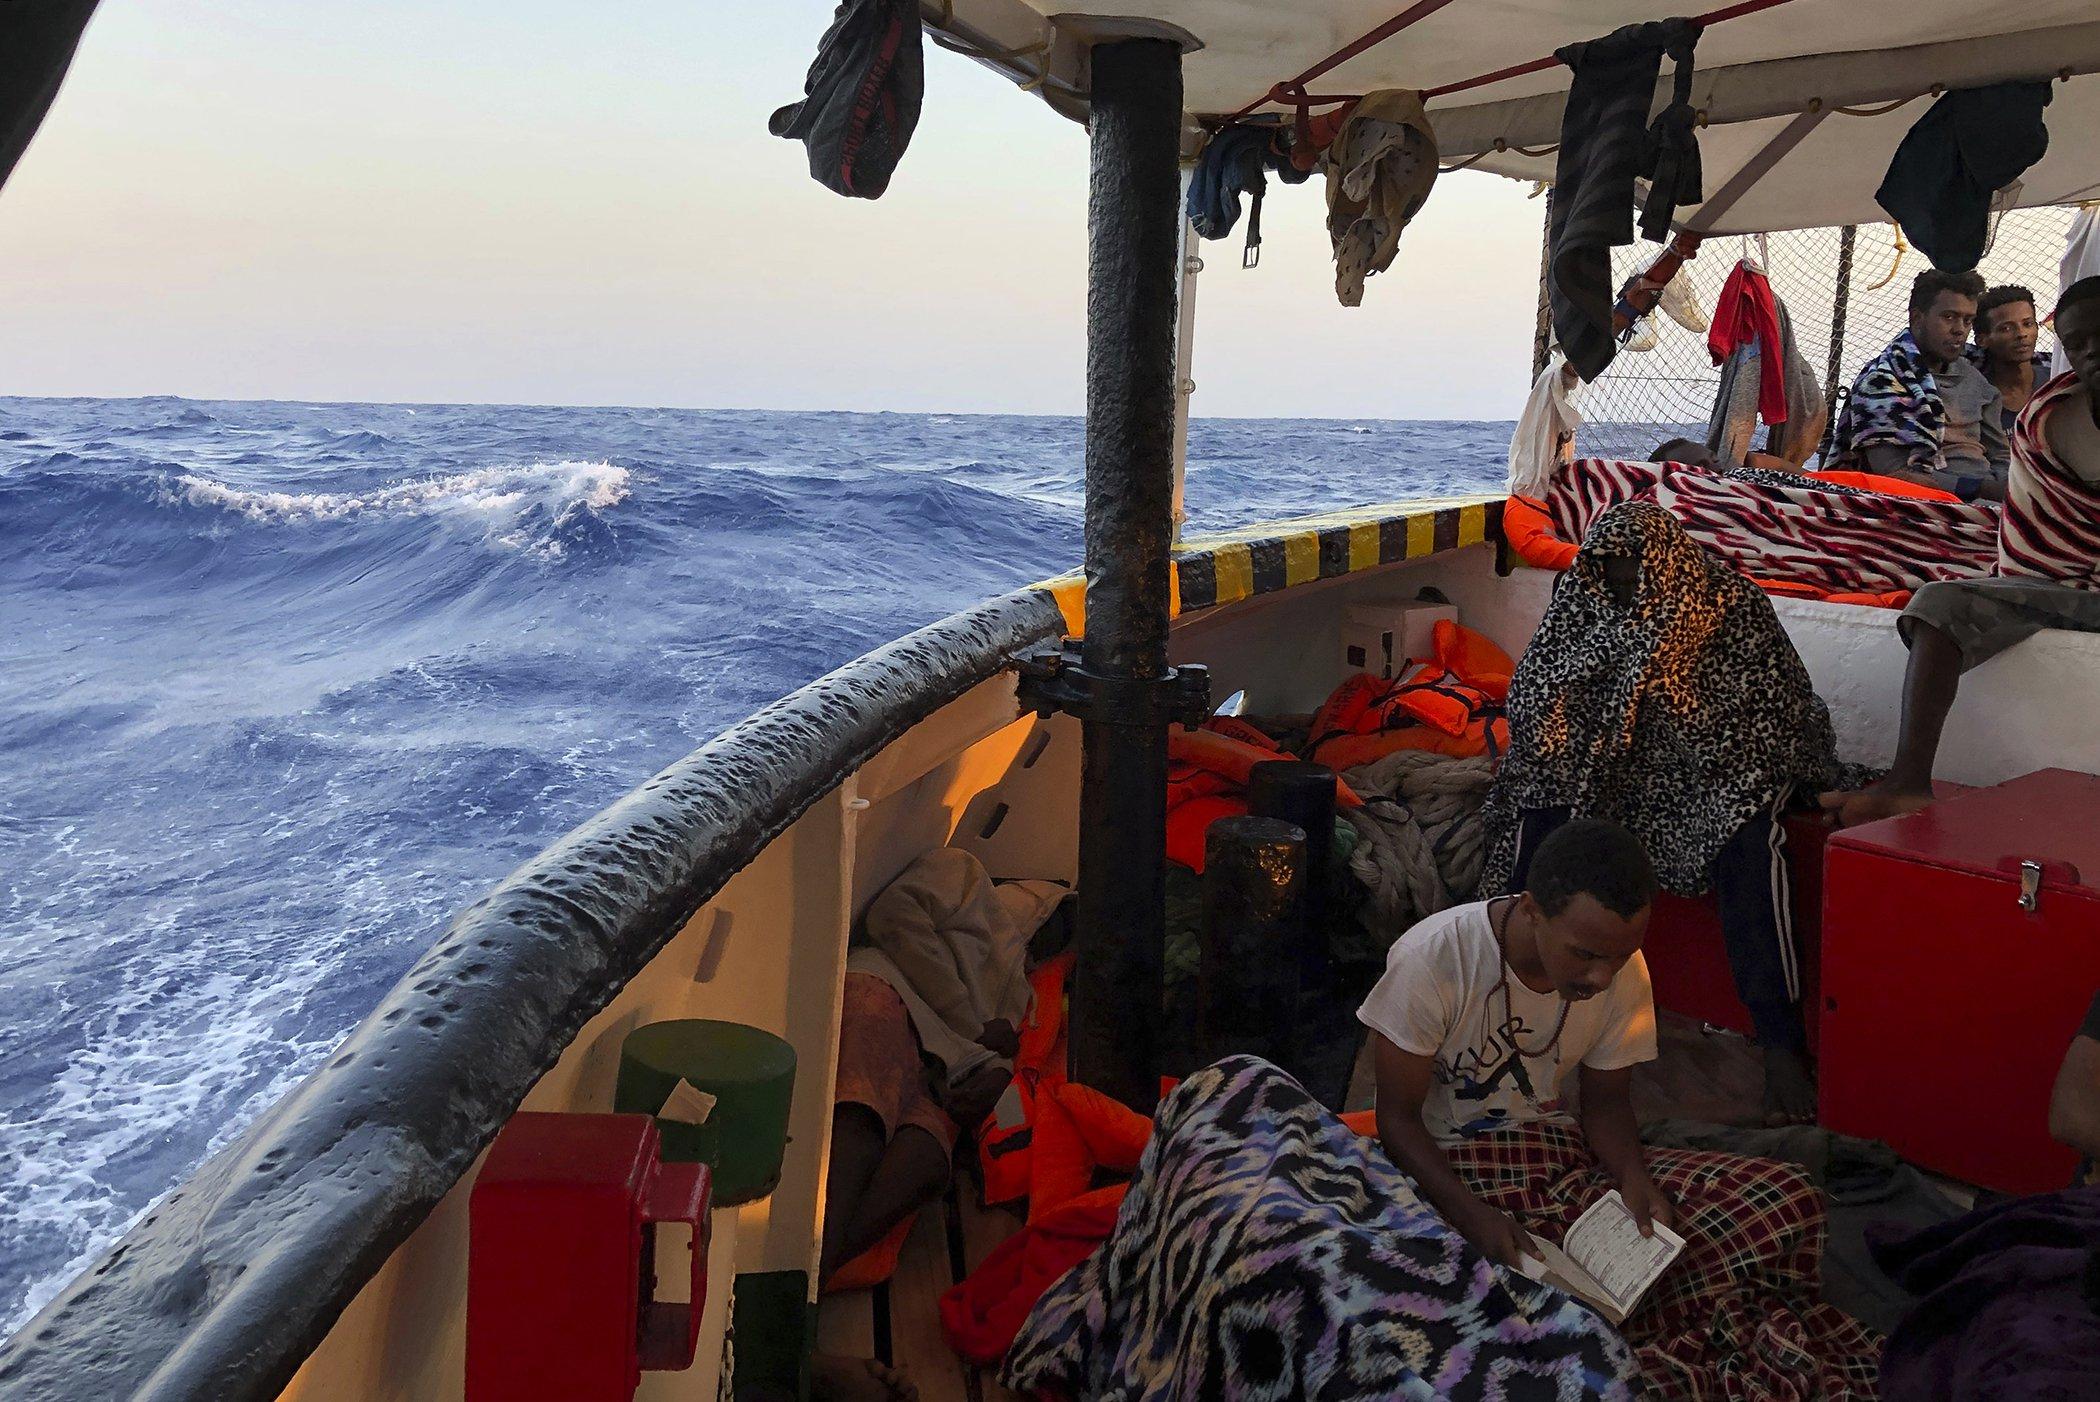 Migrants-Europe-North Africa.jpg